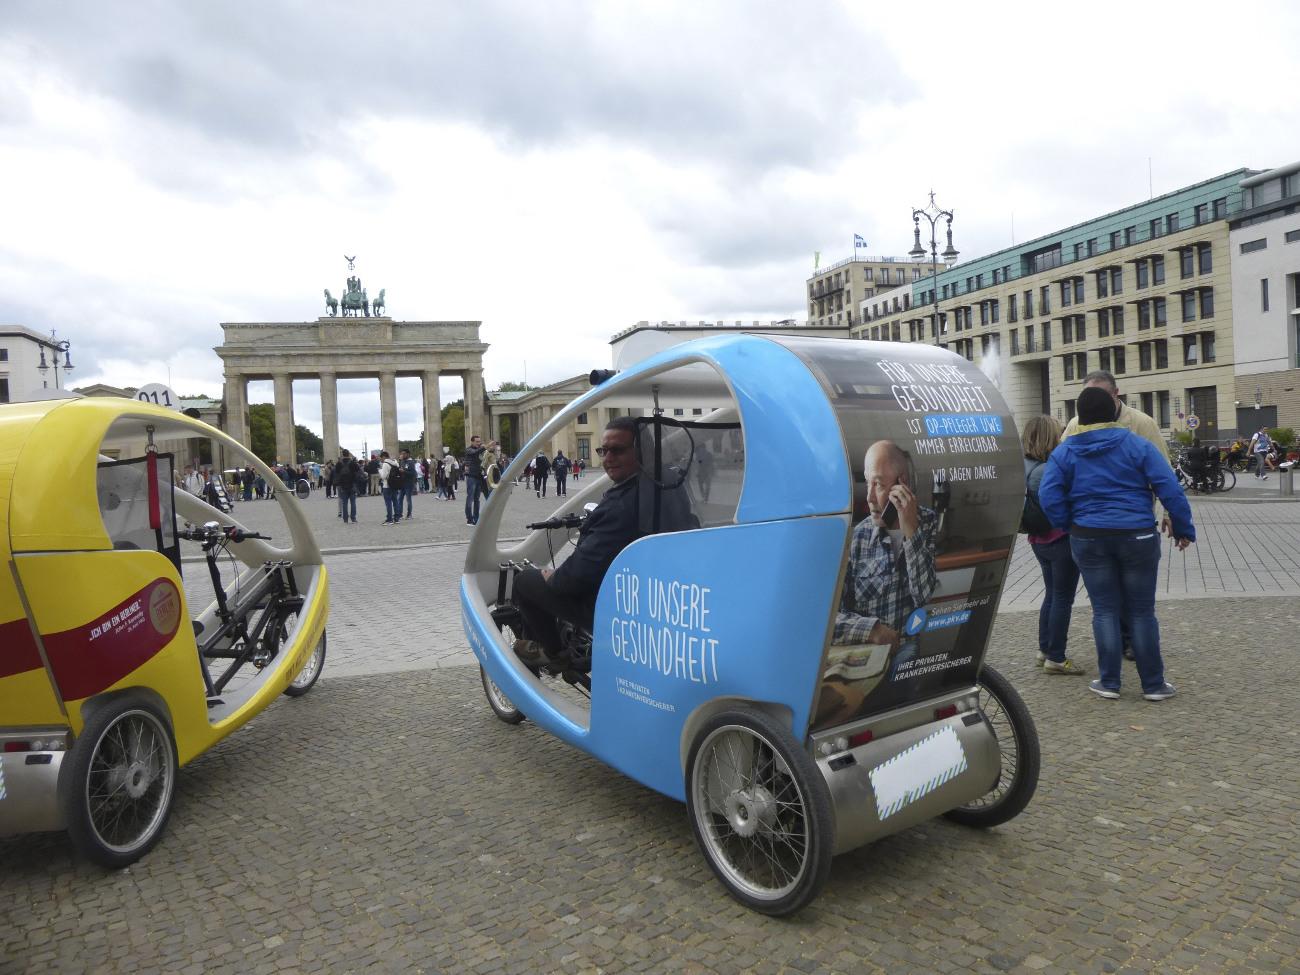 Velotaxi-Werbung-Fahrrad-Rikscha-Verkehrsmittelwerbung-Brandenburger-Tor